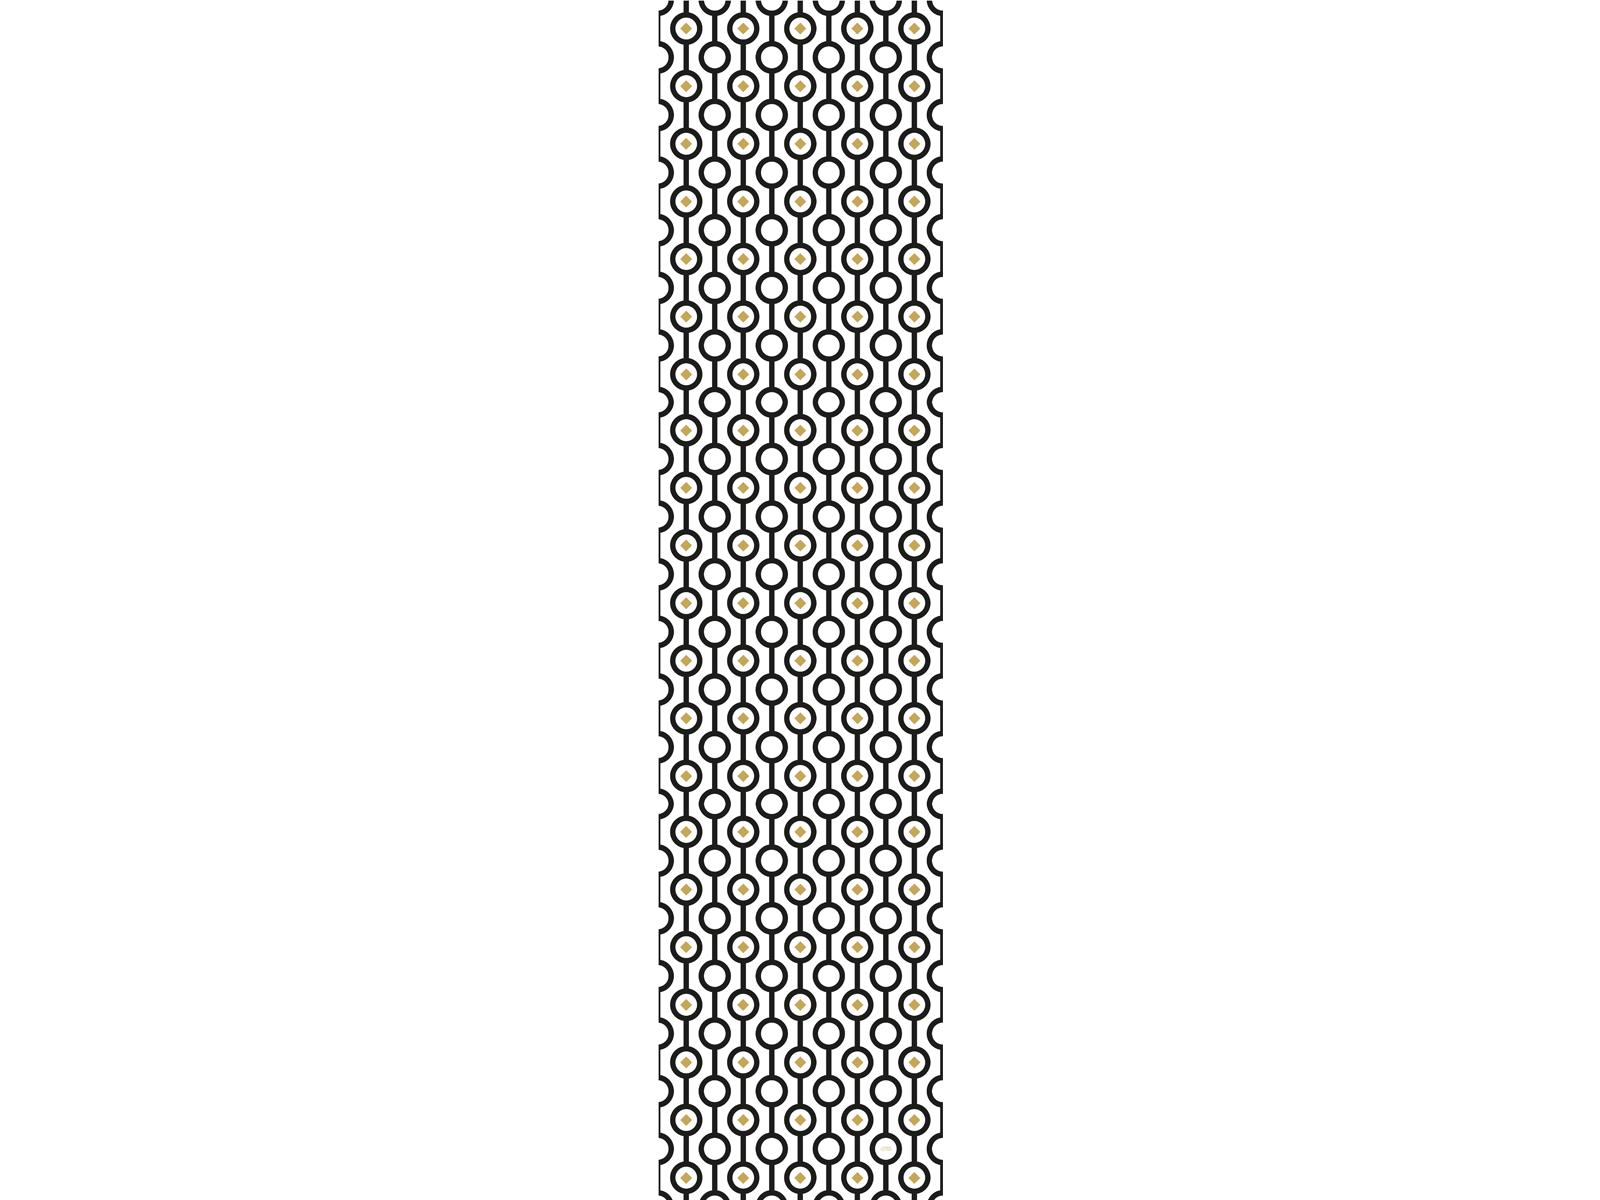 Papier peint adh sif motifs retro mod le voie lact e for Papier peint adhesif repositionnable